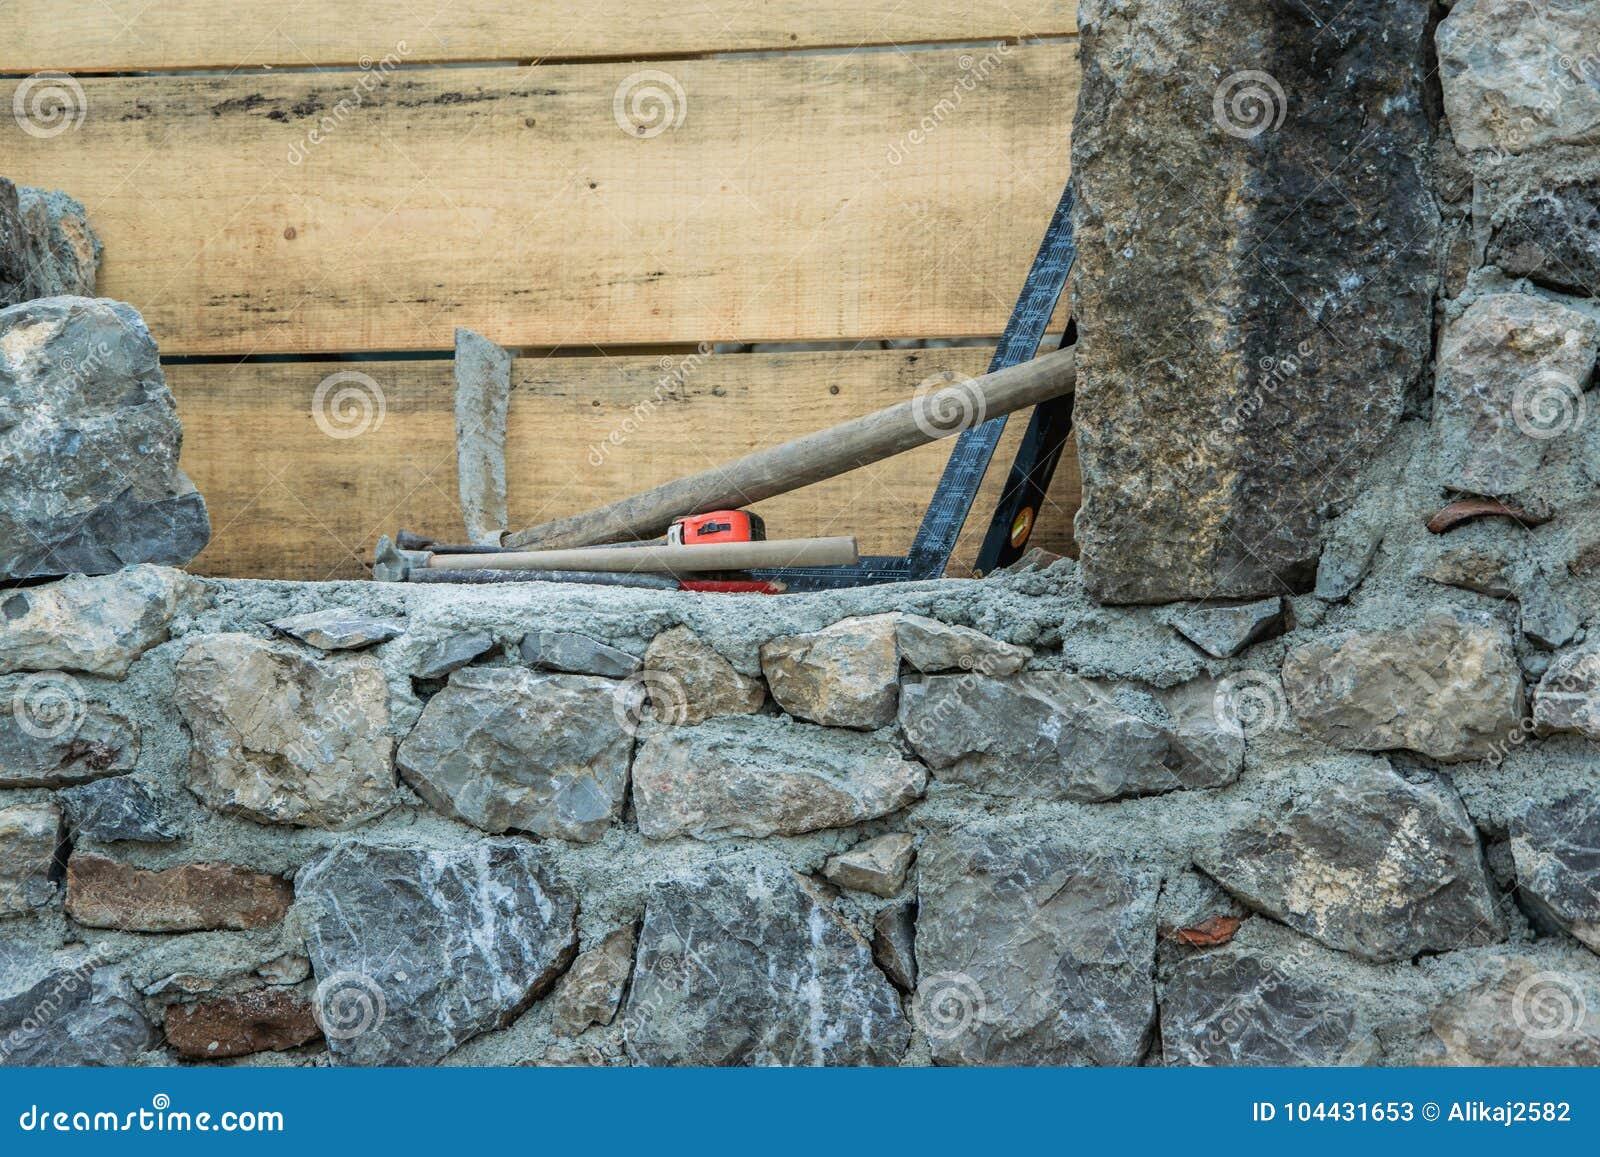 Stone wall construction and masonry tools